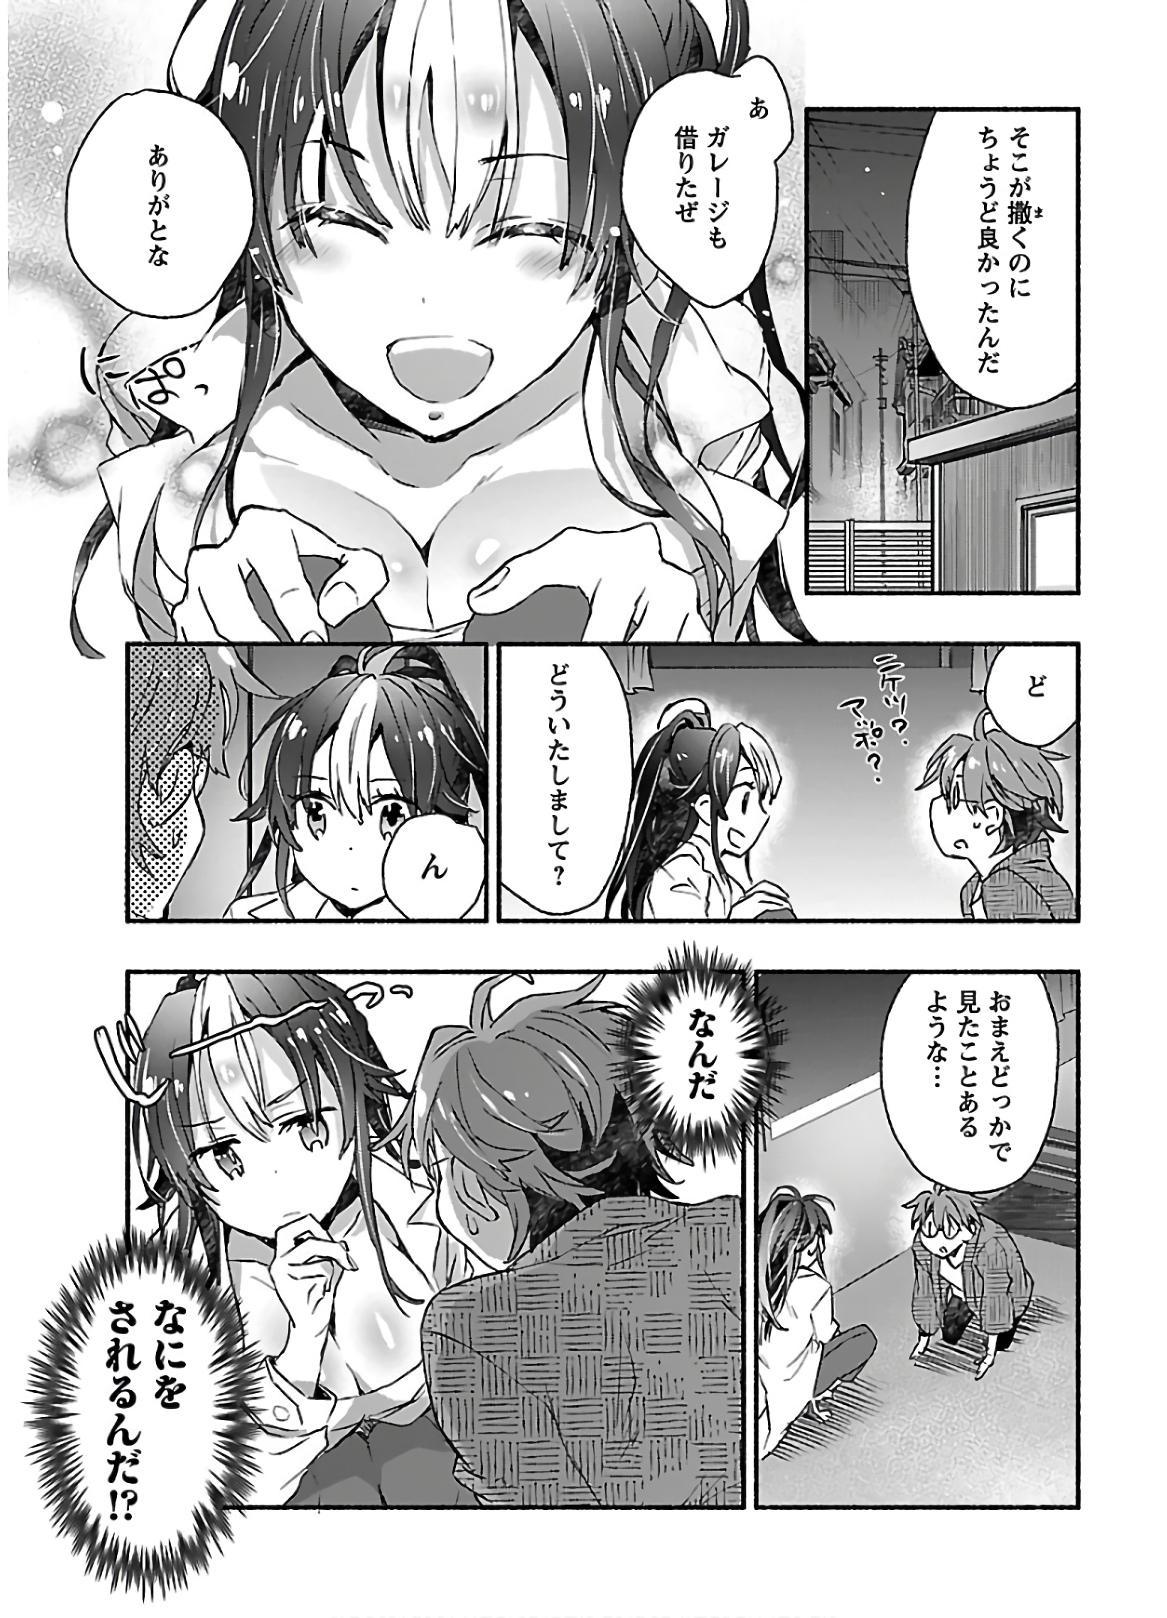 Yankii musume ni natsukarete kotoshi mo juken ni shippai shisou desu  vol.1 12